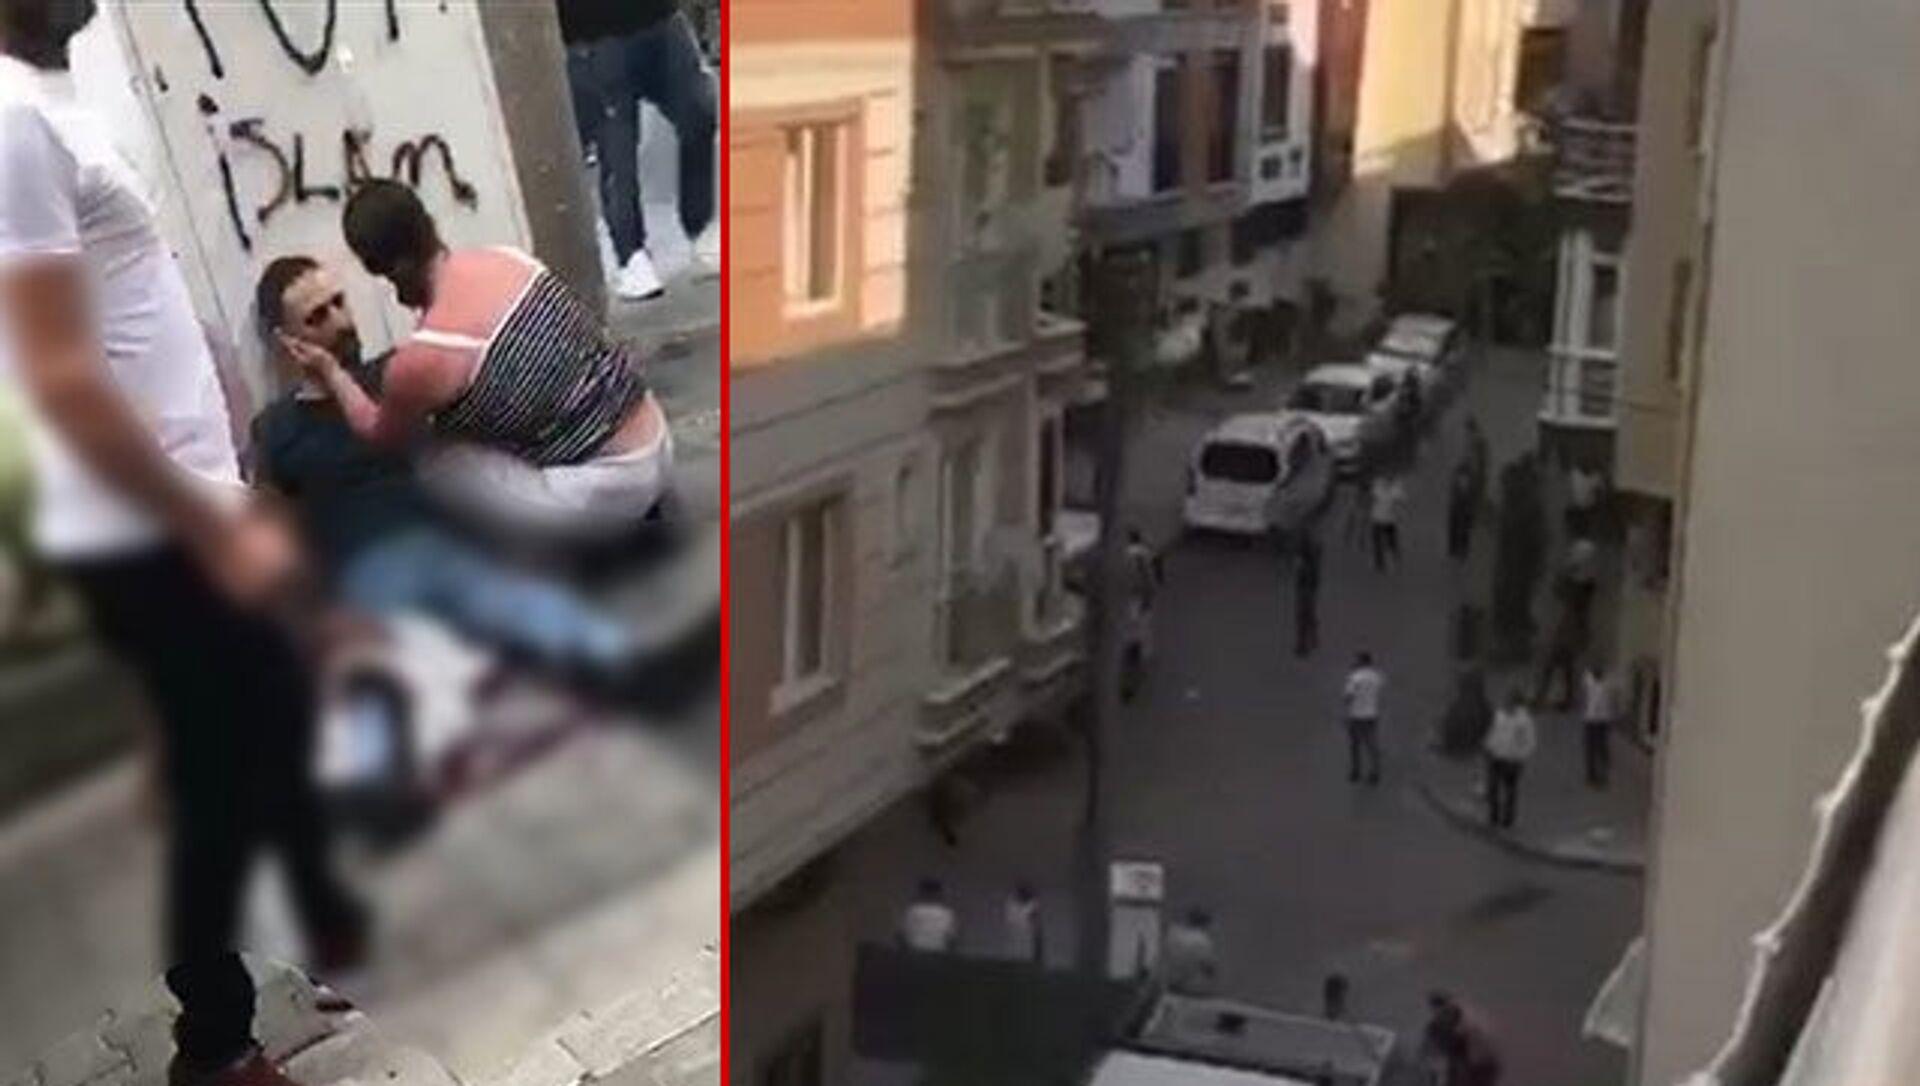 İstanbul Küçükçekmece'de iki grup arasında henüz bilinmeyen bir nedenle başlayan tartışma, büyüyerek silahlı çatışmaya dönüştü. Olayda biri başından olmak üzere 3 kişi yaralanırken, 3 kişi de gözaltına alındı. - Sputnik Türkiye, 1920, 24.07.2021